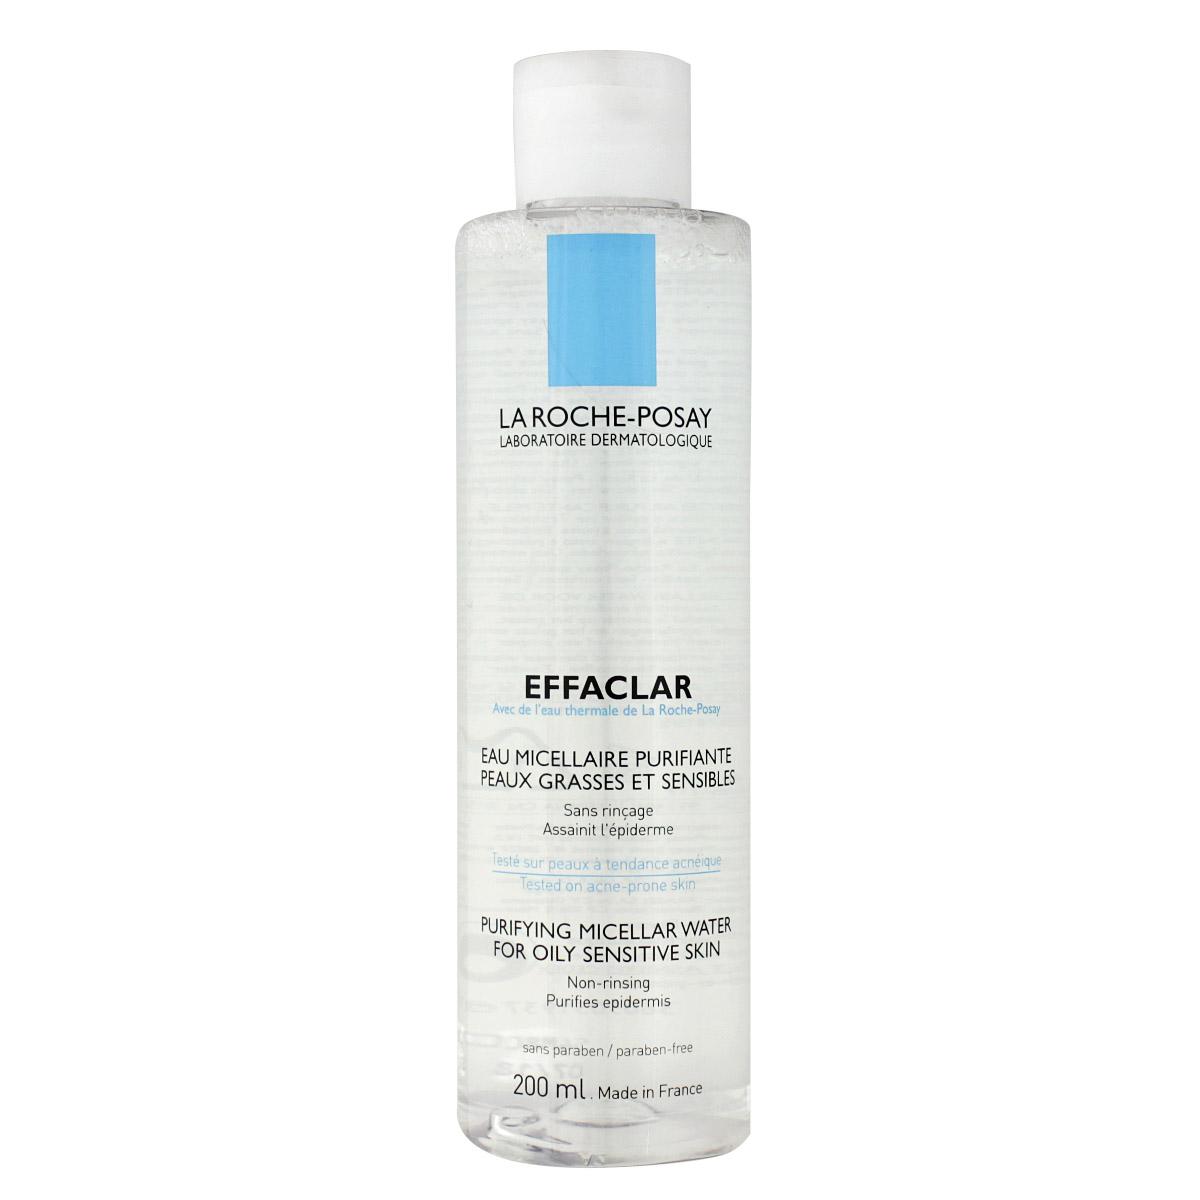 La Roche-Posay Effaclar micelární voda 200 ml